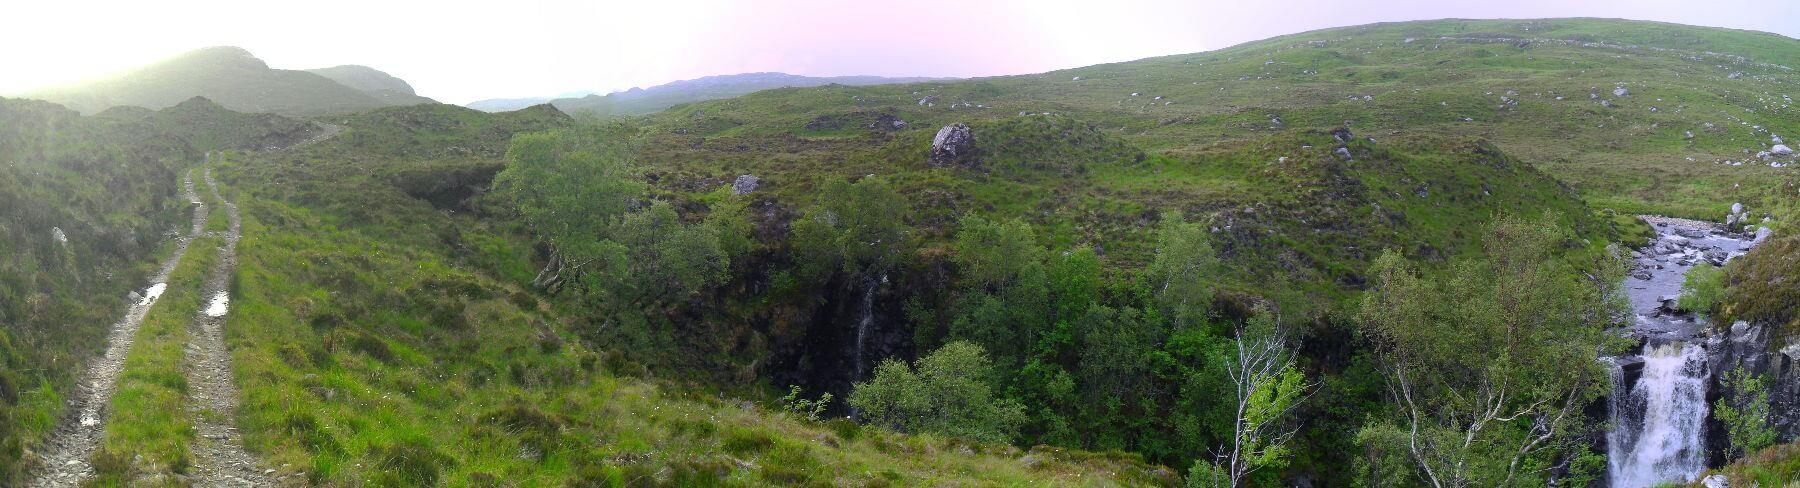 Die Kerbe des Tales wird immer schmaler. Der Wasserfall wird von einem Zufluß gebildet, dem Allt Beith